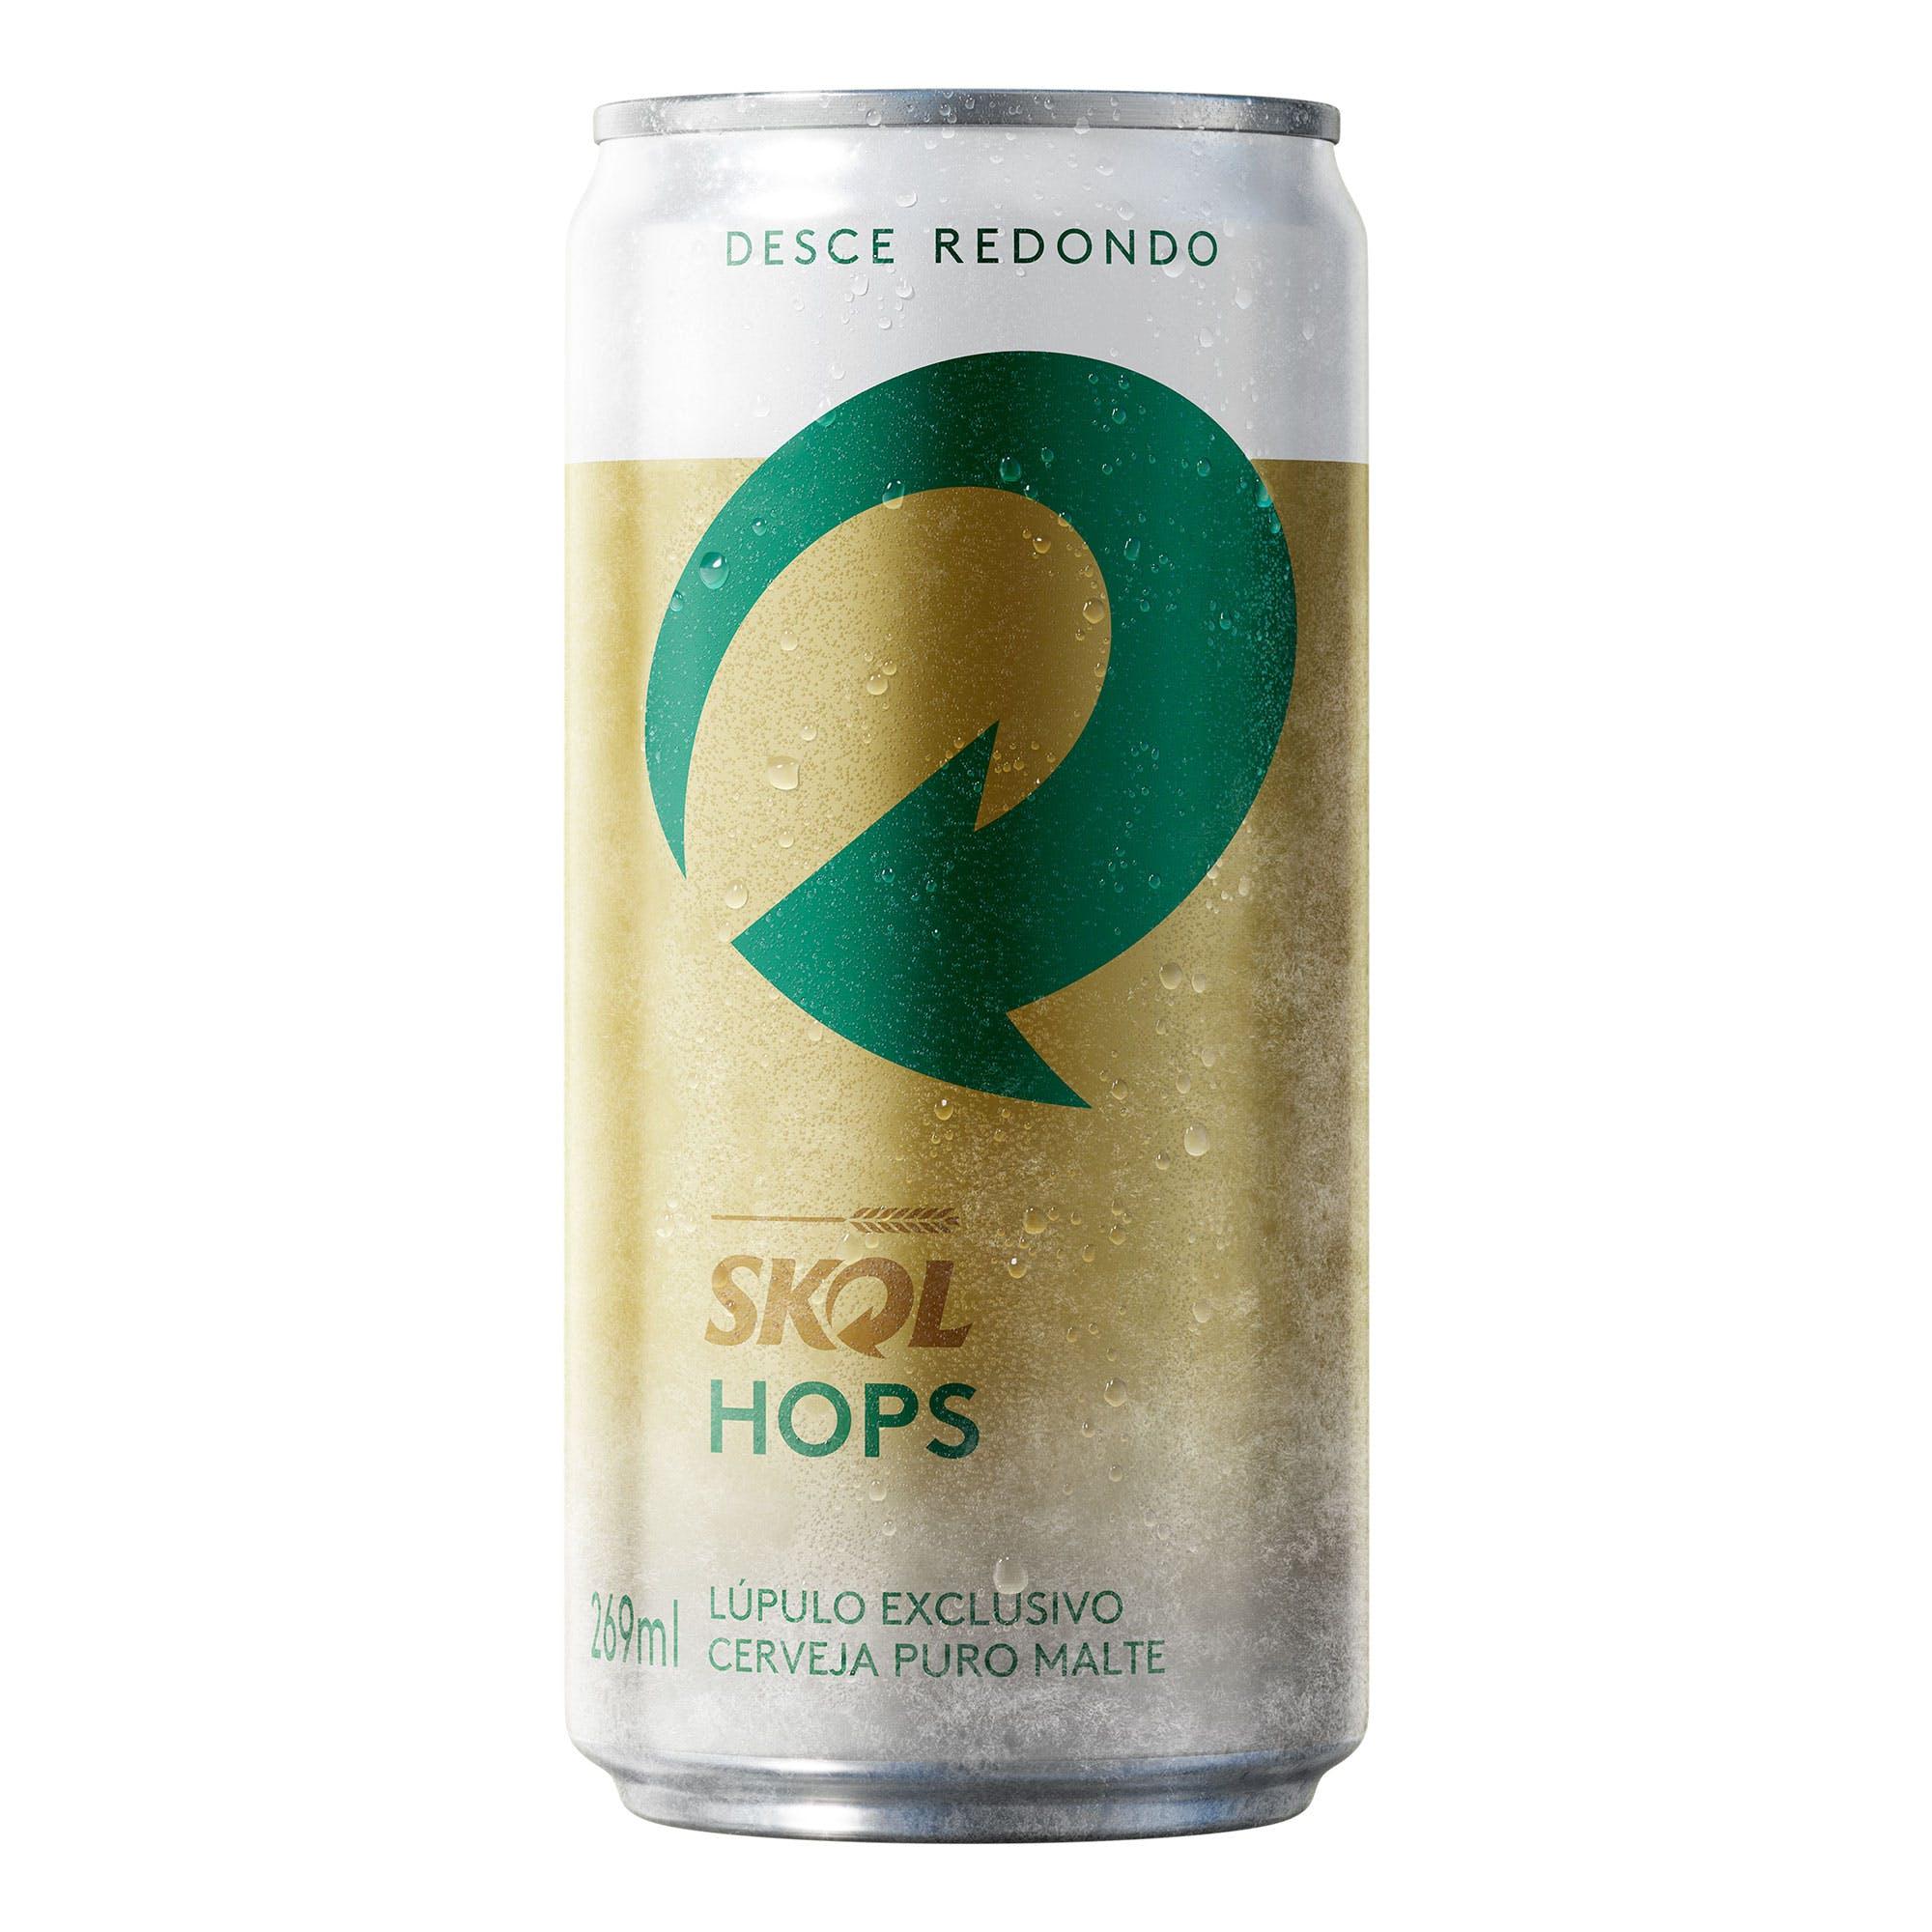 Skol Hops 269ml